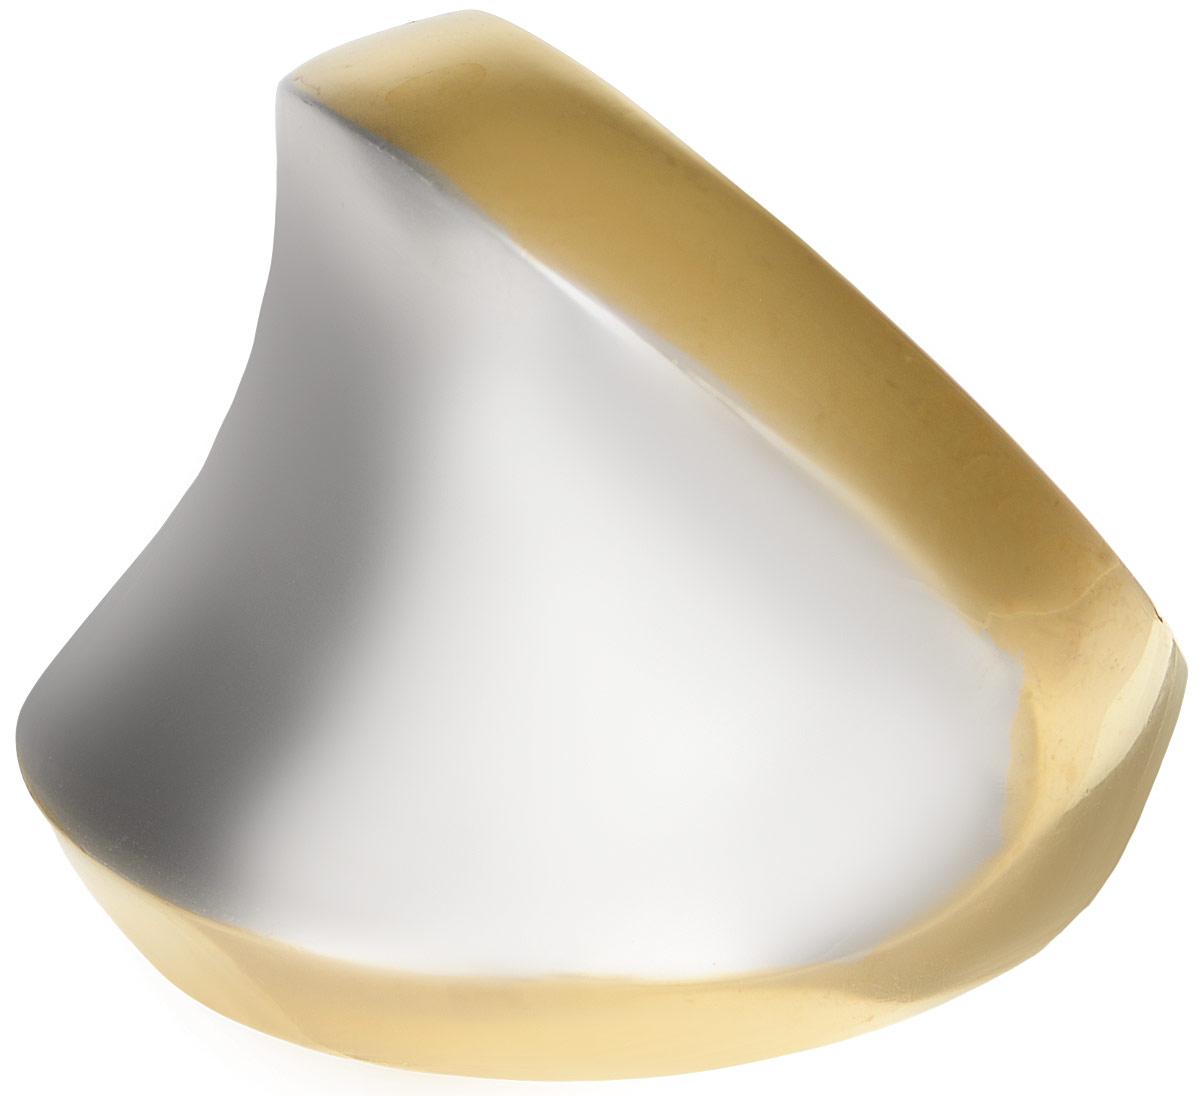 Кольцо Polina Selezneva, цвет: золотистый, серебристый. DG-0026. Размер 19DG-0026-09Оригинальное кольцо Polina Selezneva выполнено из металлического сплава. Оформлено изделие интересной вогнутой формы. Такое кольцо это блестящее завершение вашего неповторимого, смелого образа и отличный подарок для ценительницы необычных украшений!